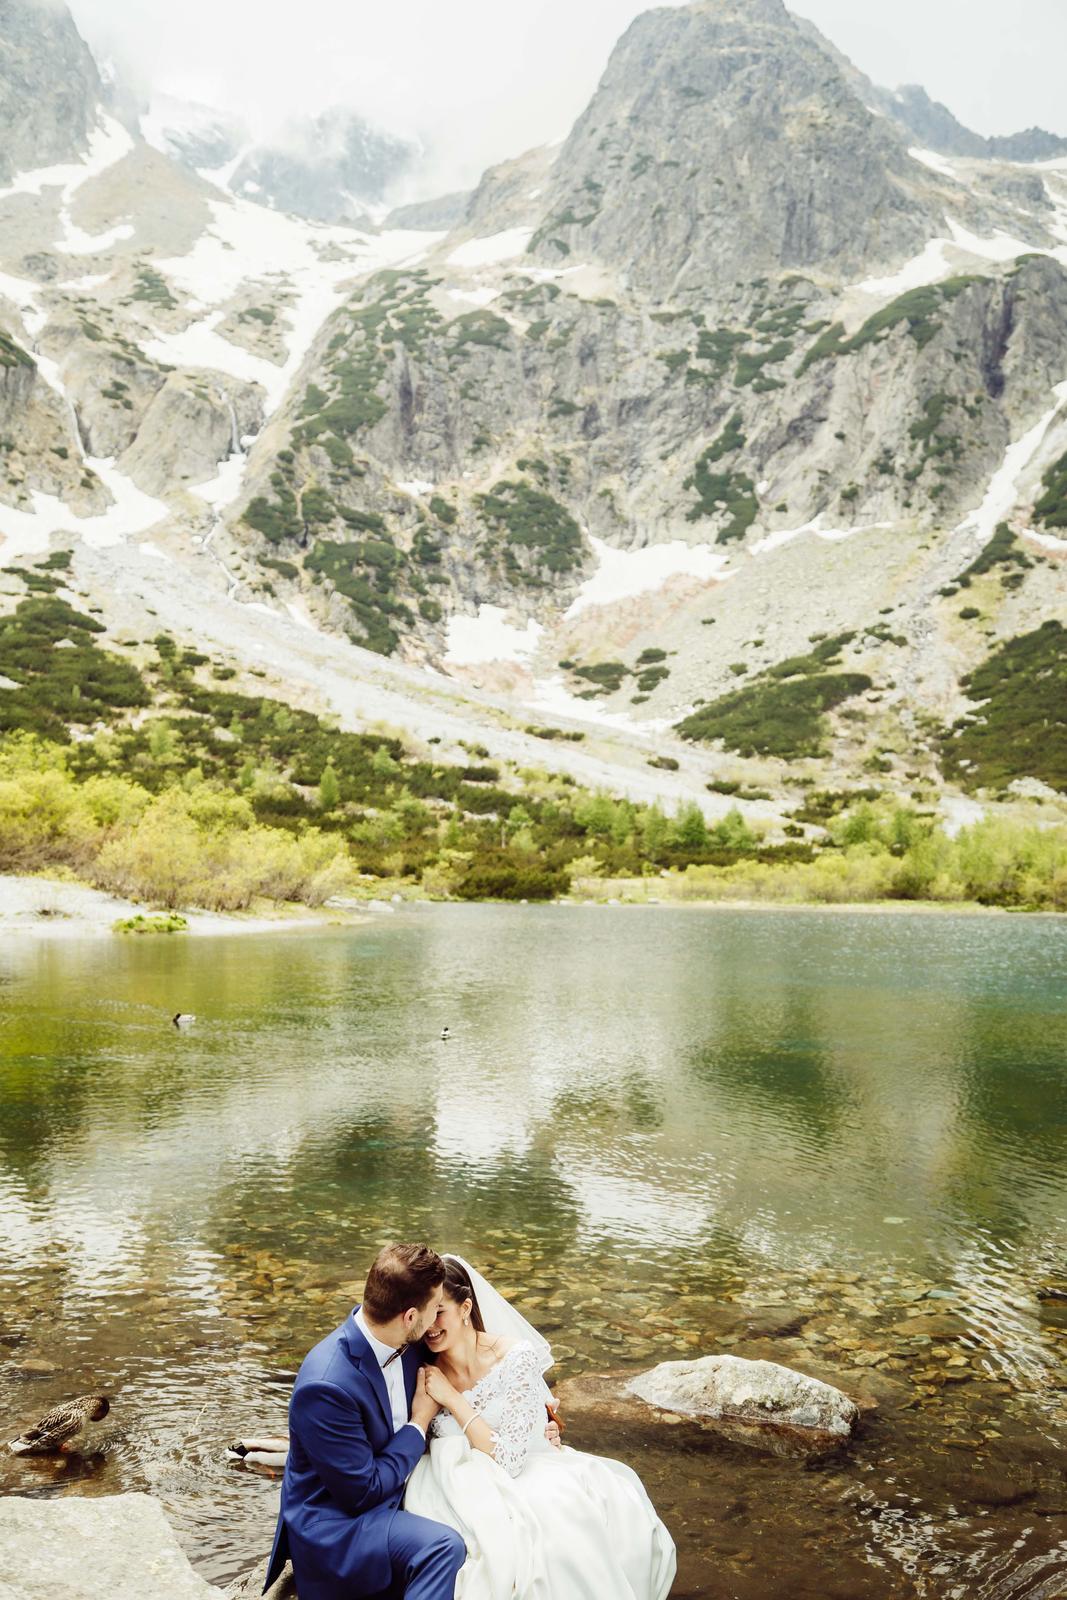 Tomáš & Monika - Zelené Pleso, Tatry ❤️ - Obrázok č. 9